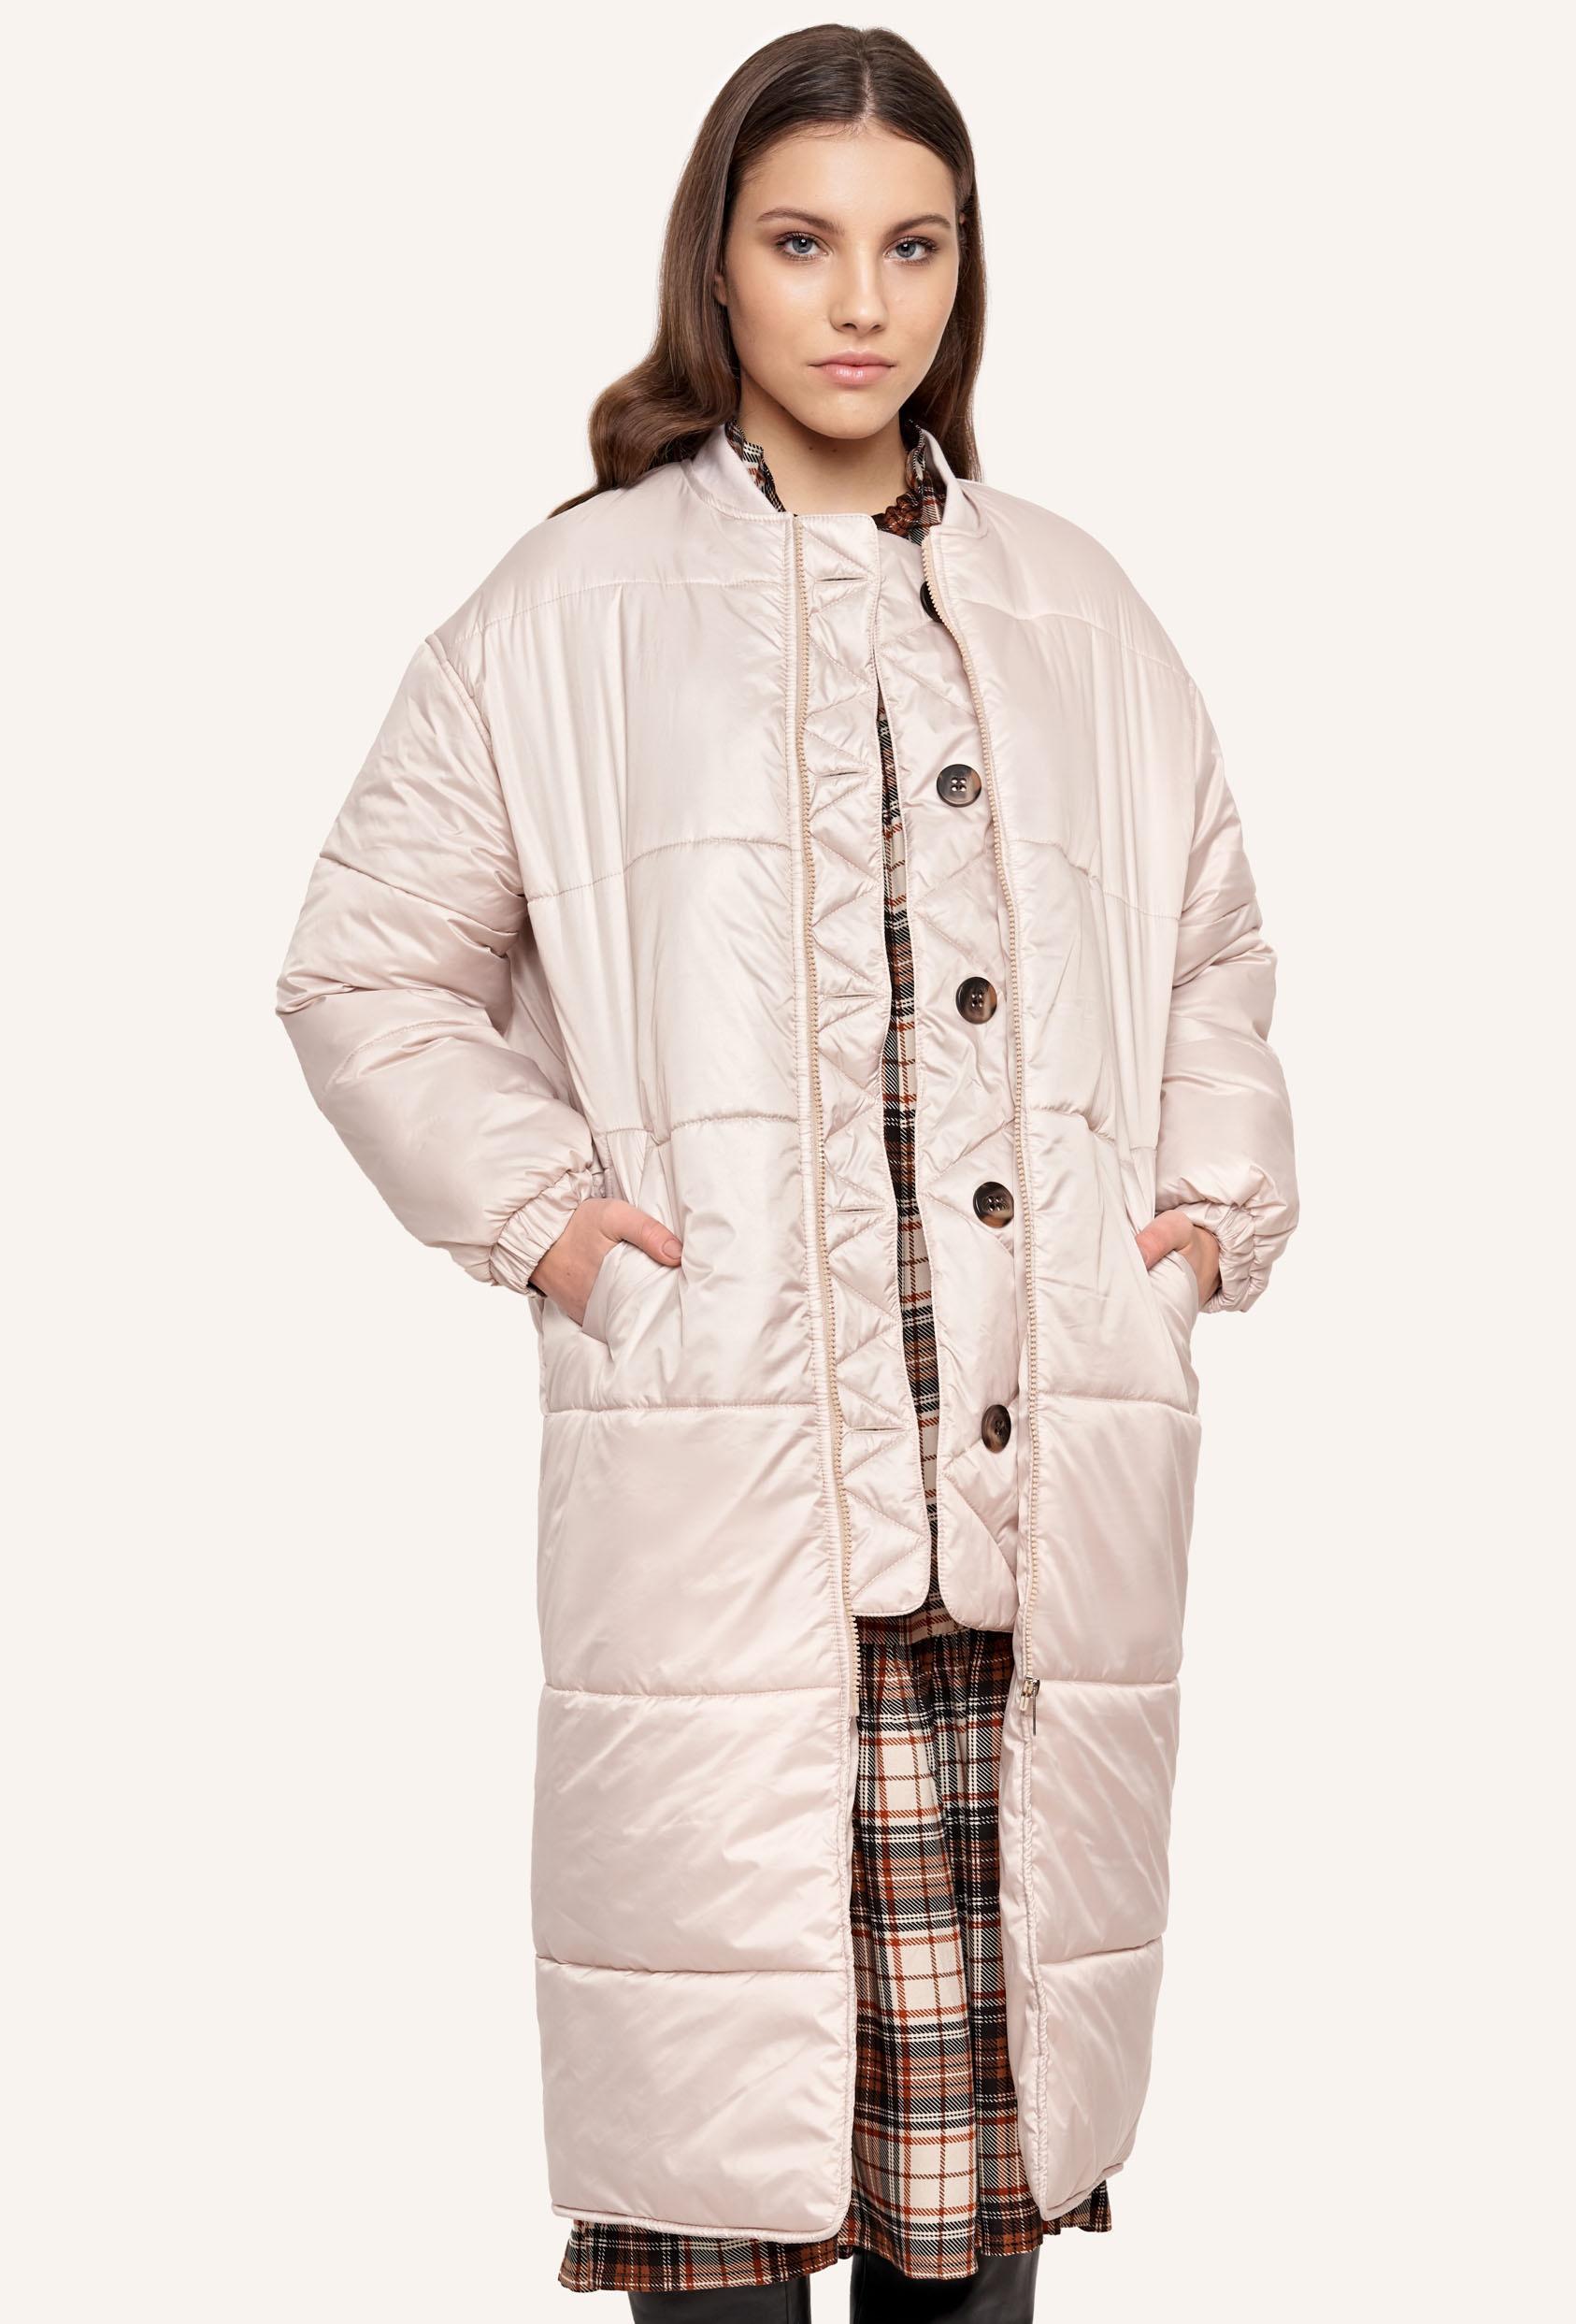 Płaszcz pikowany FLAVIE COAT kremowy